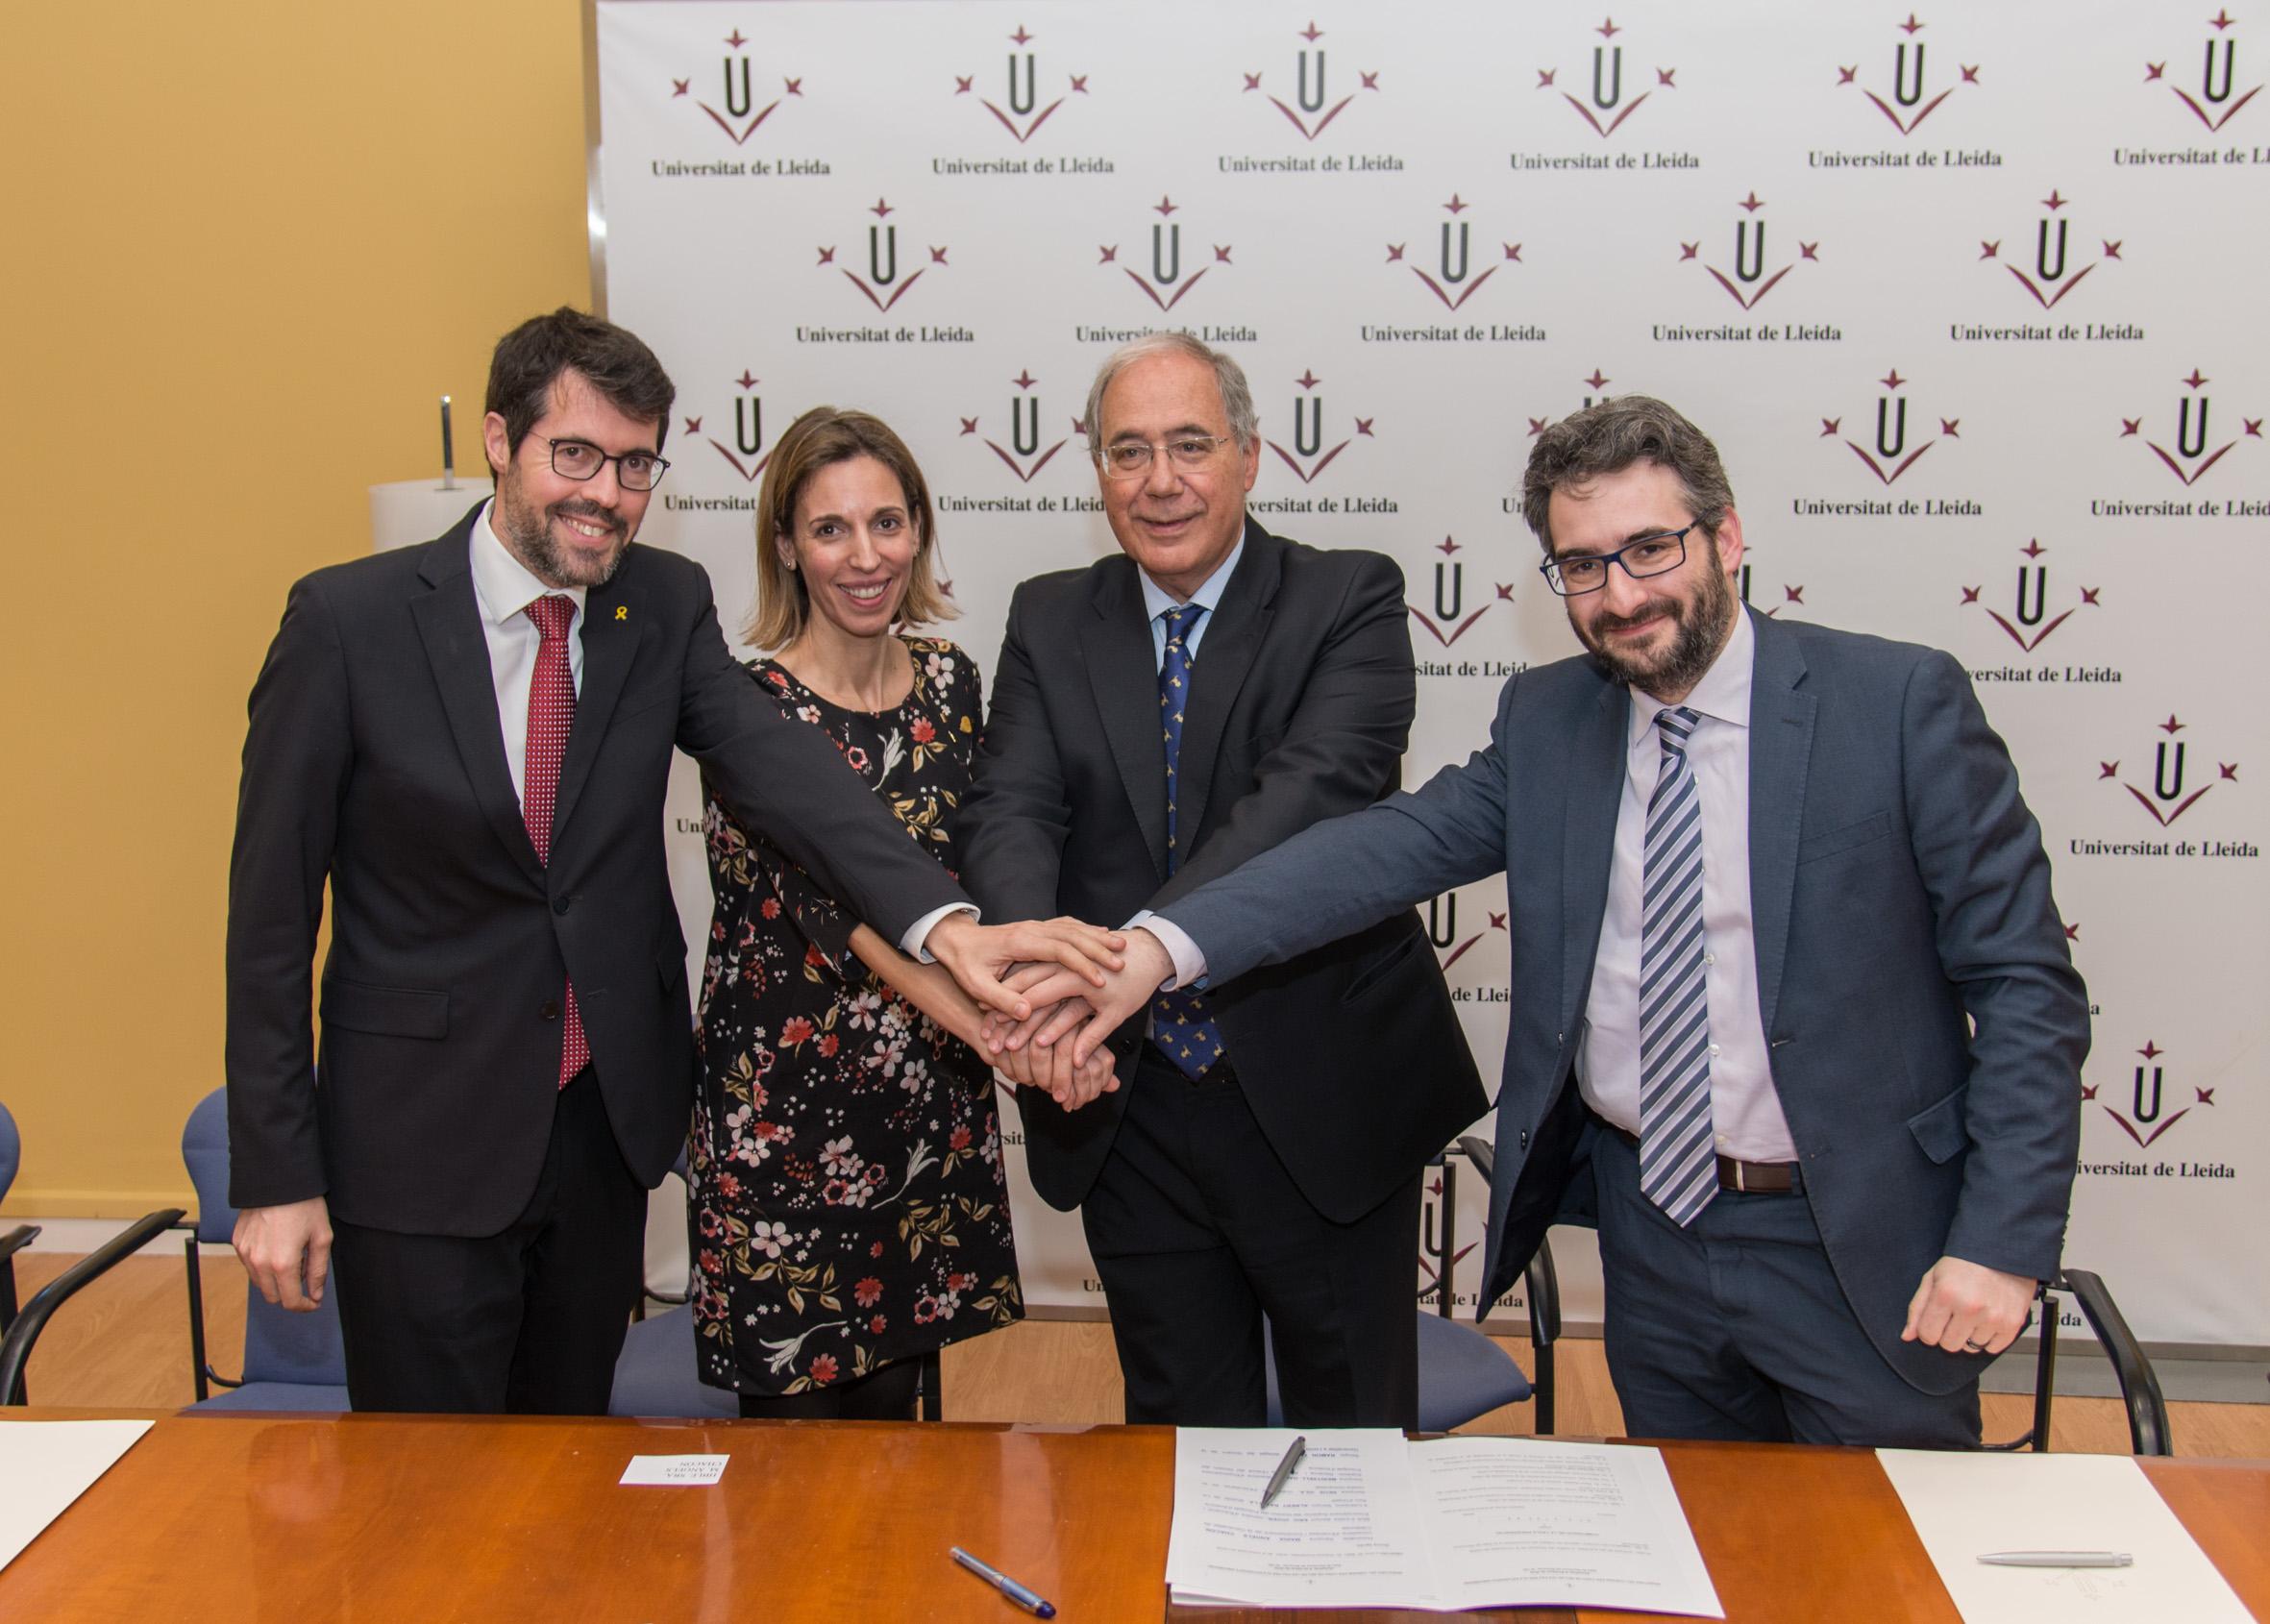 L'alcalde Batalla, la consellera Chacón, el ministre Jover i el rector Fernández, després de signar l'acord